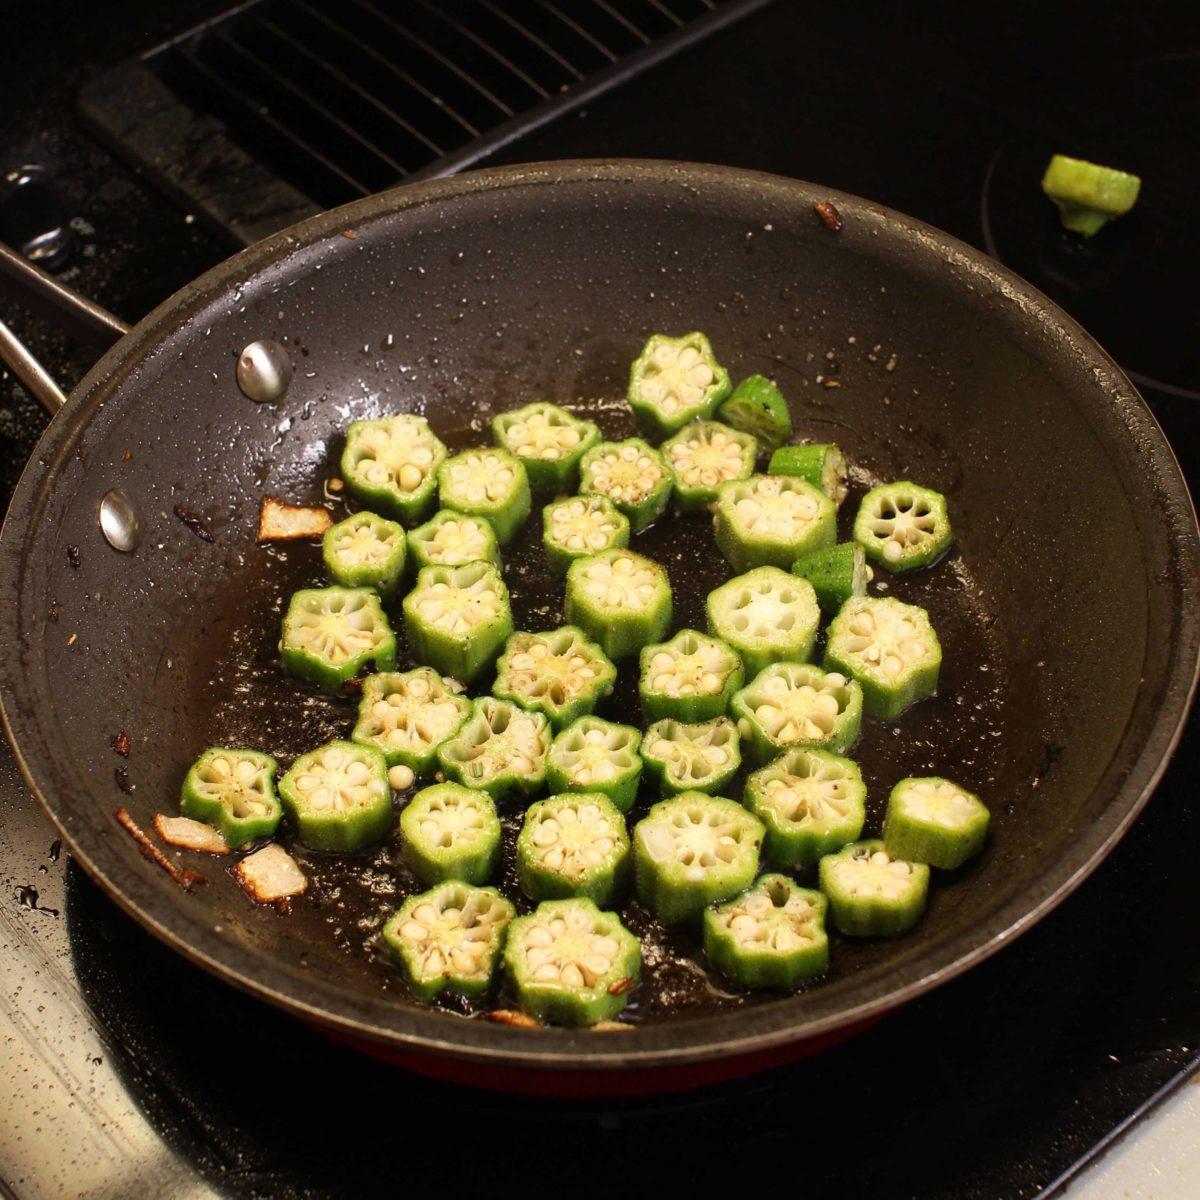 fresh chopped okra in a frying pan.